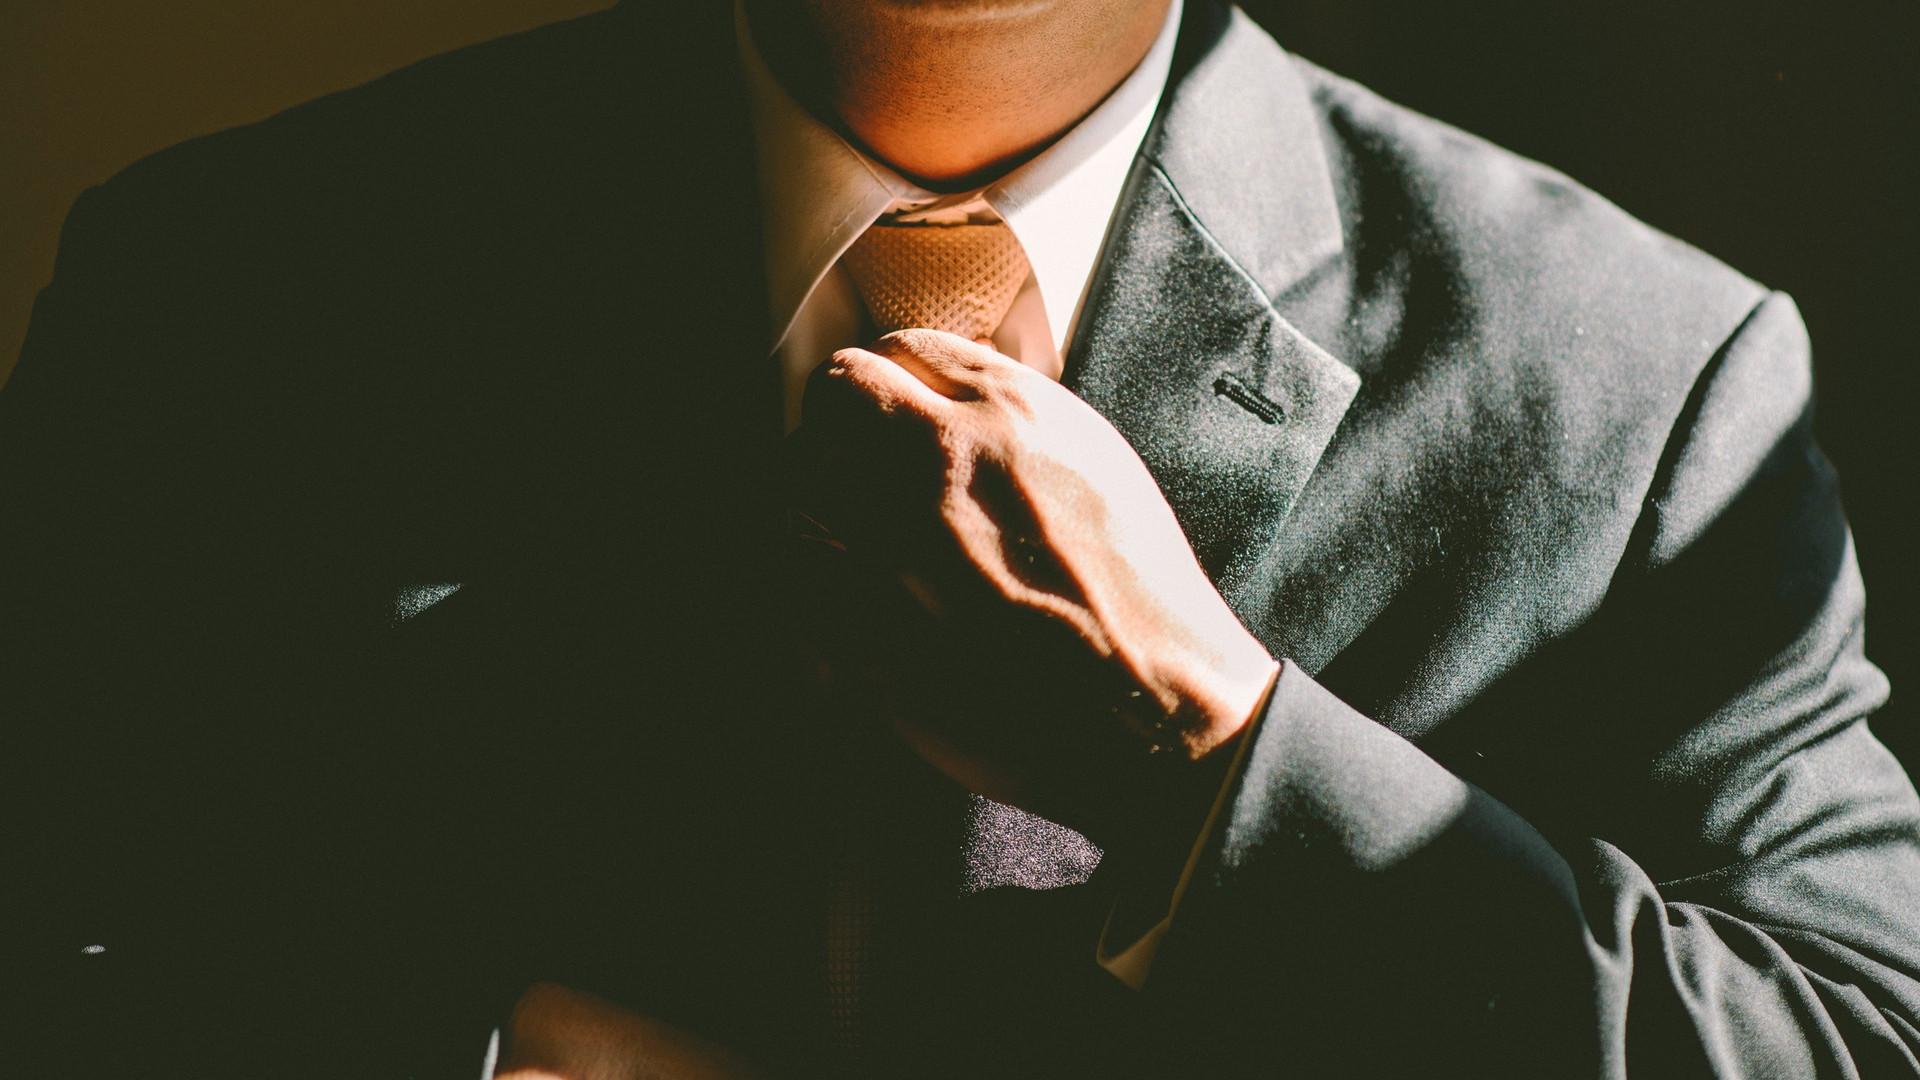 Les accessoires de mode se multiplient et s'adaptent à vos envies